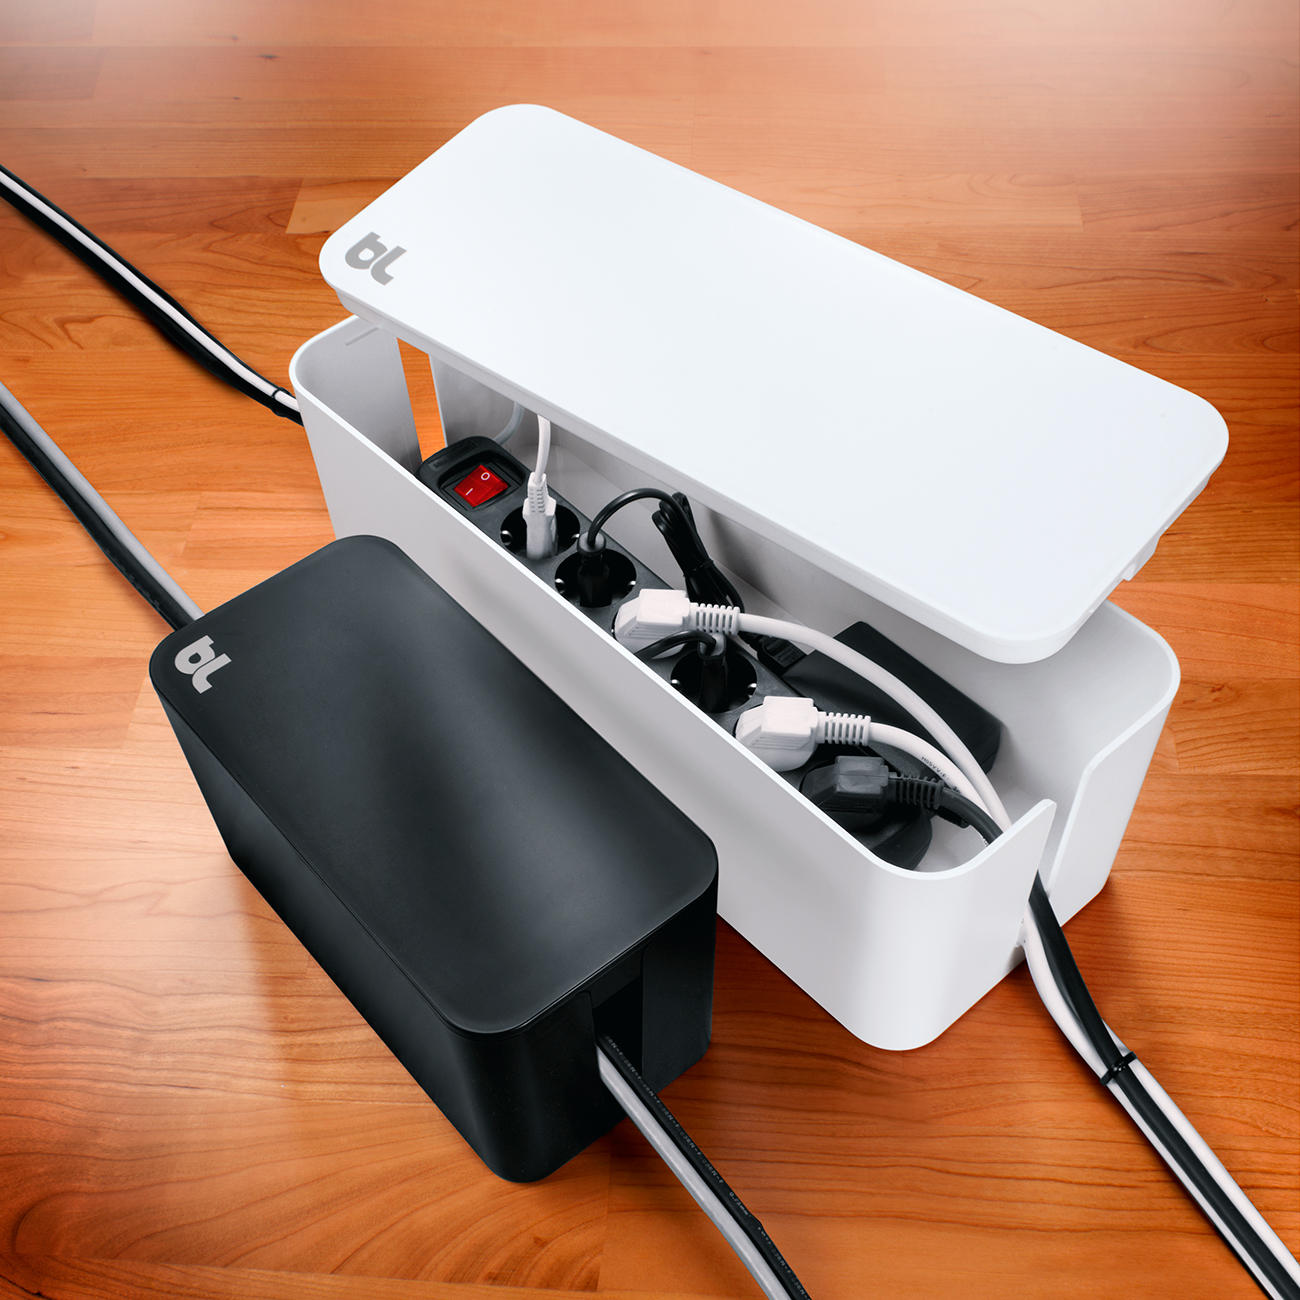 Cablebox Kompakt Oder Cablebox Mit 3 Jahren Garantie